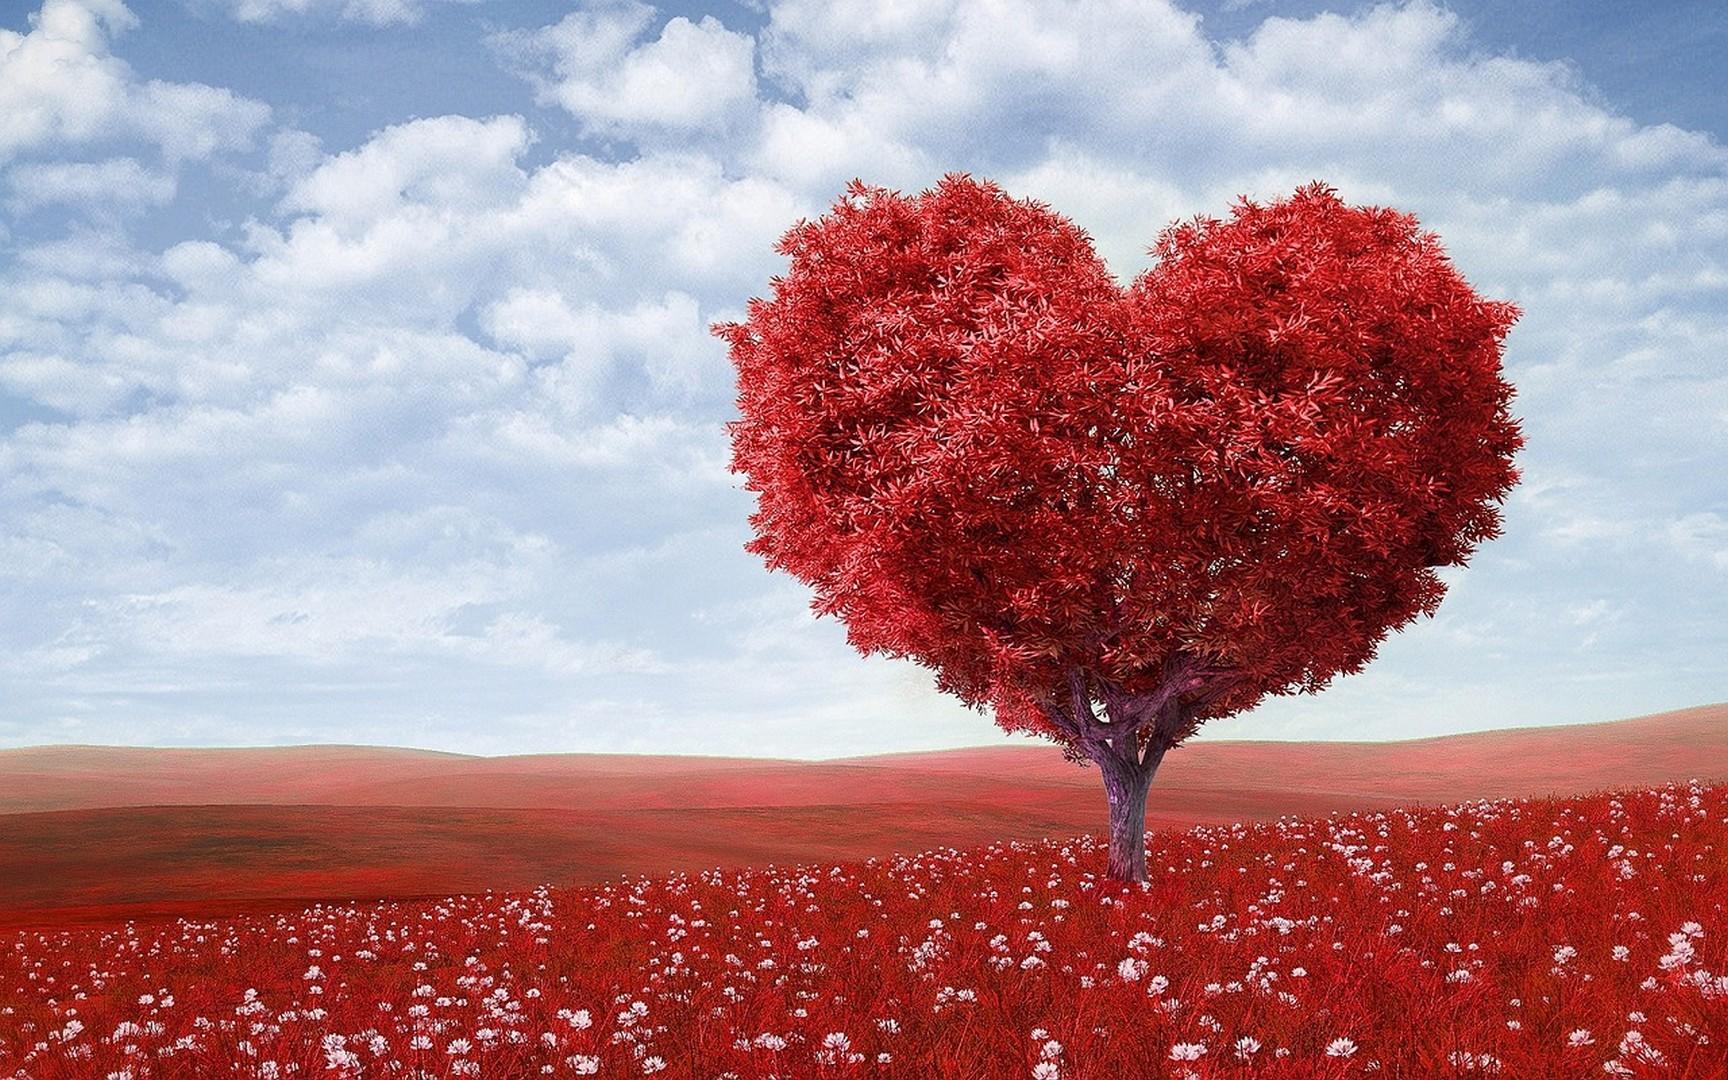 Как понять, что парень влюблен: 10 признаков, мнение психологов и невербалика